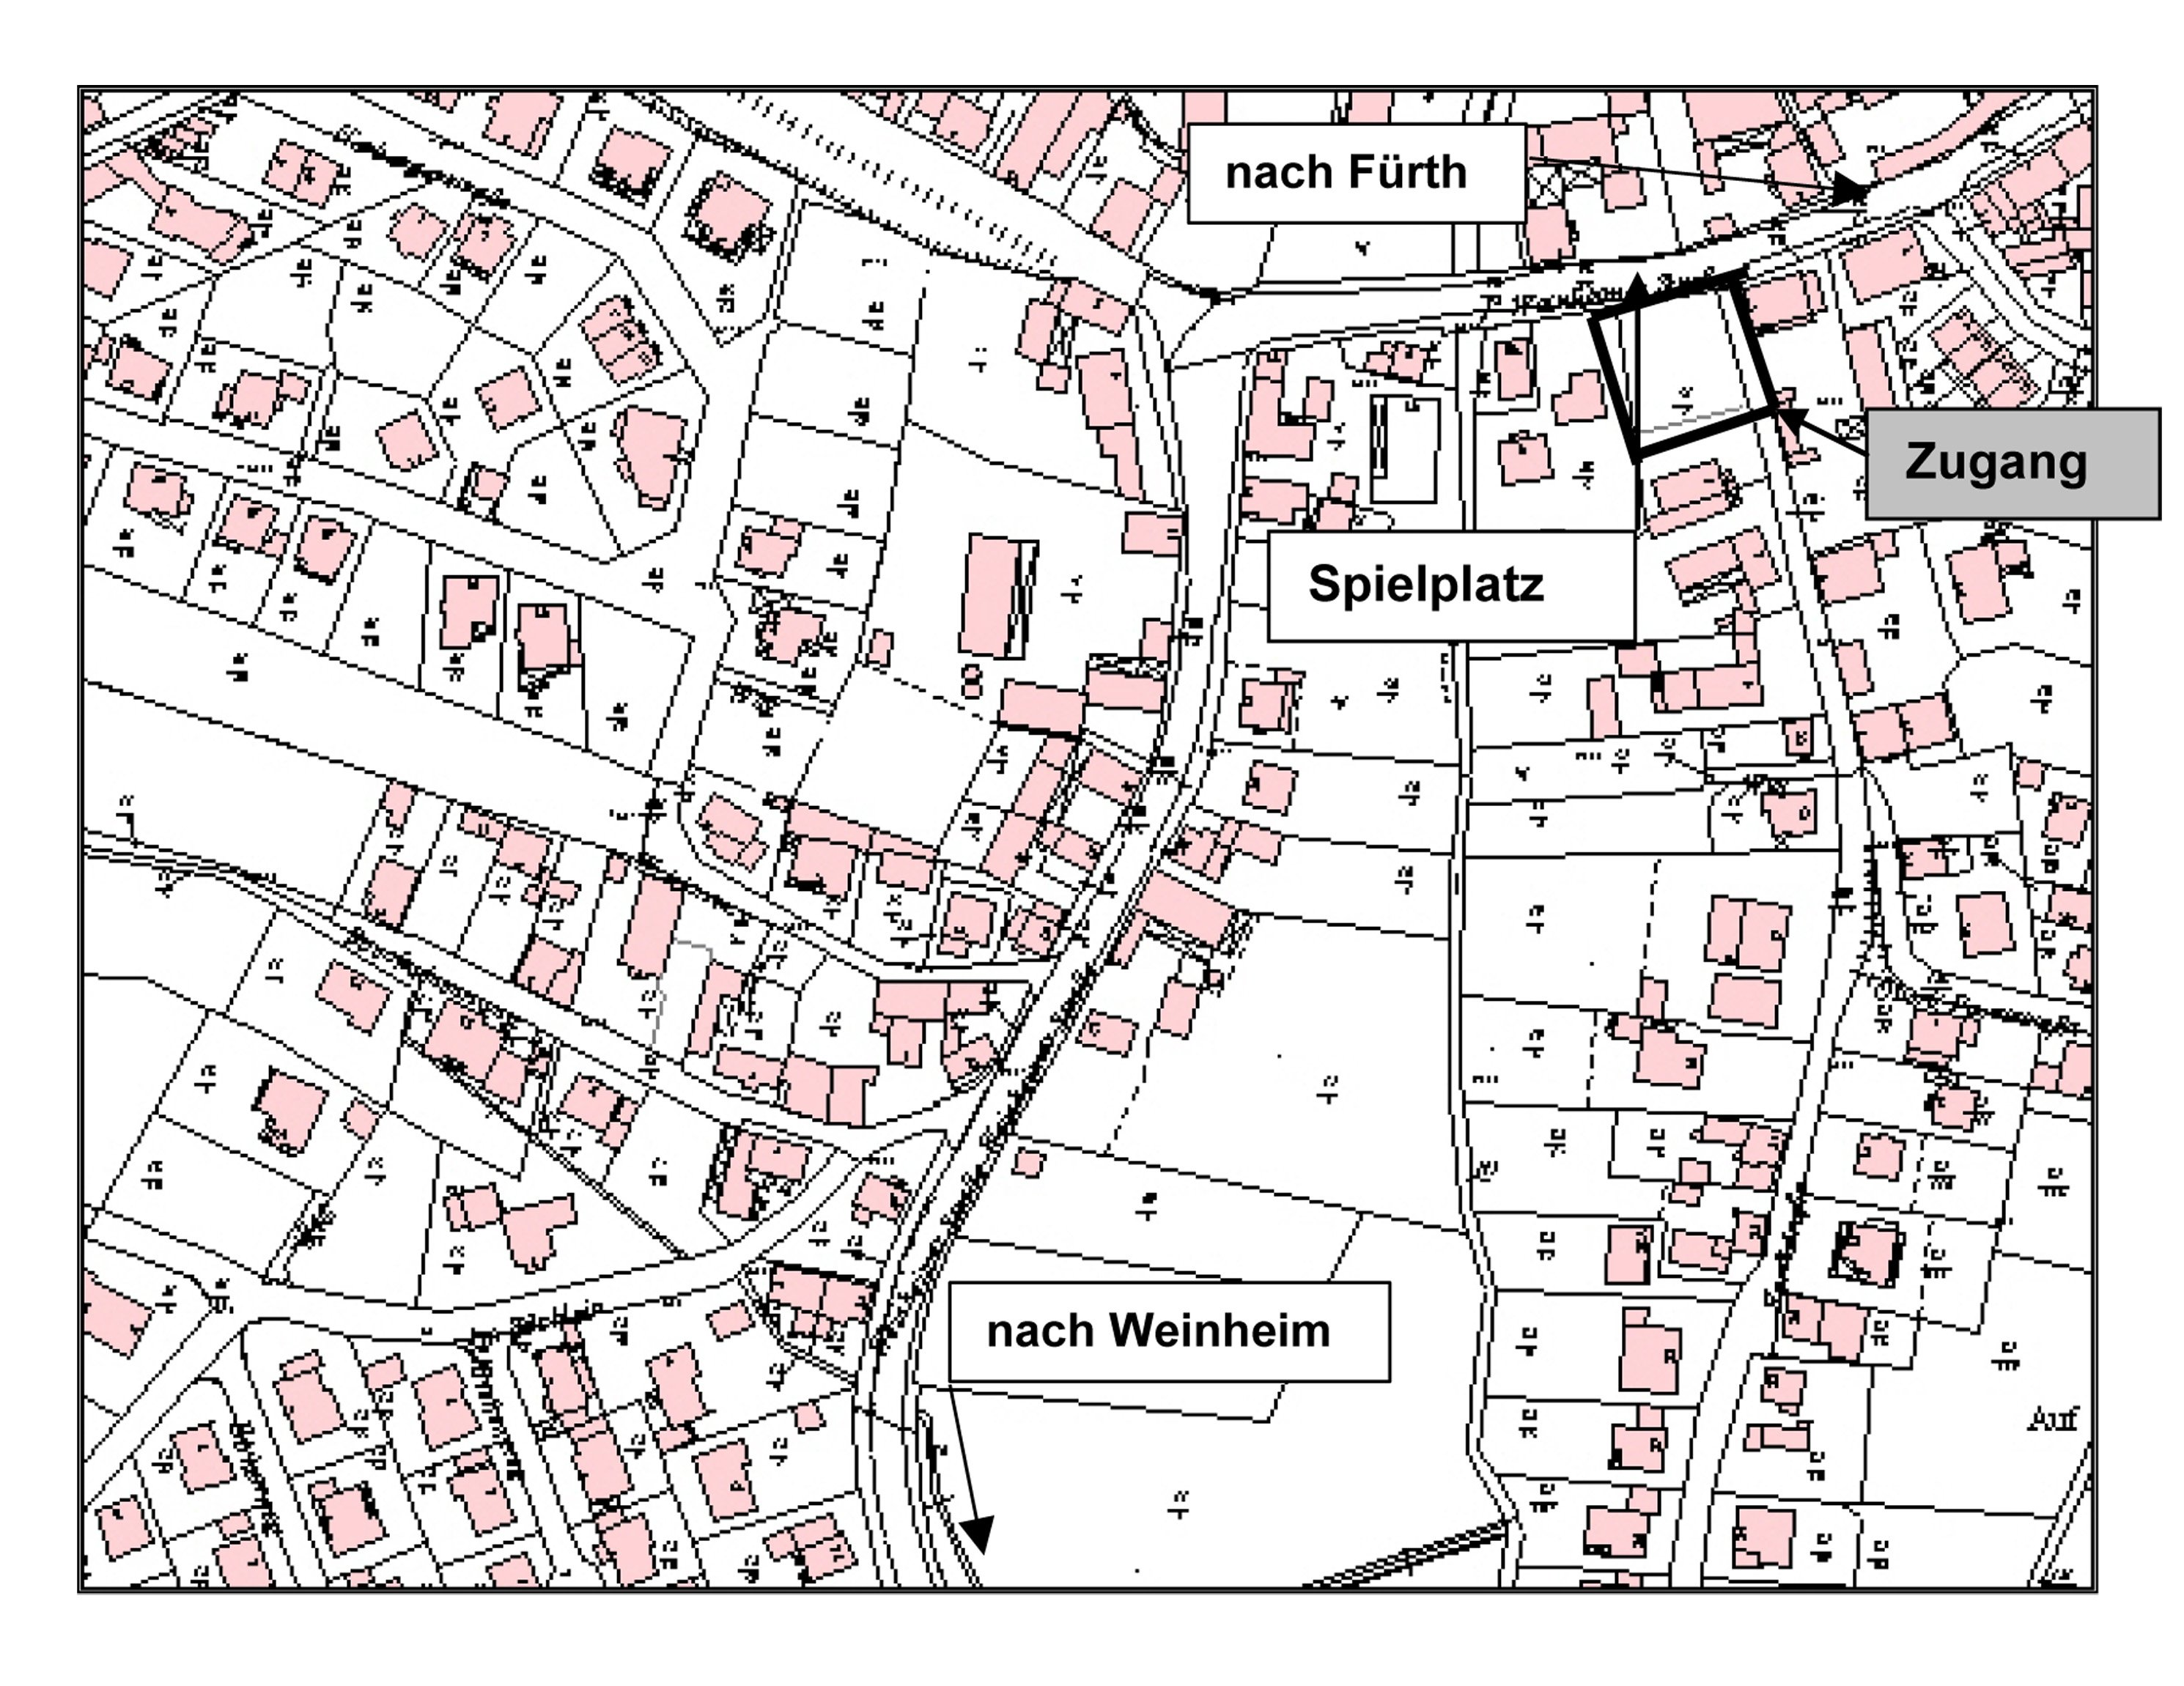 Lörzenbach Feuerwehr 1 Lage.jpg